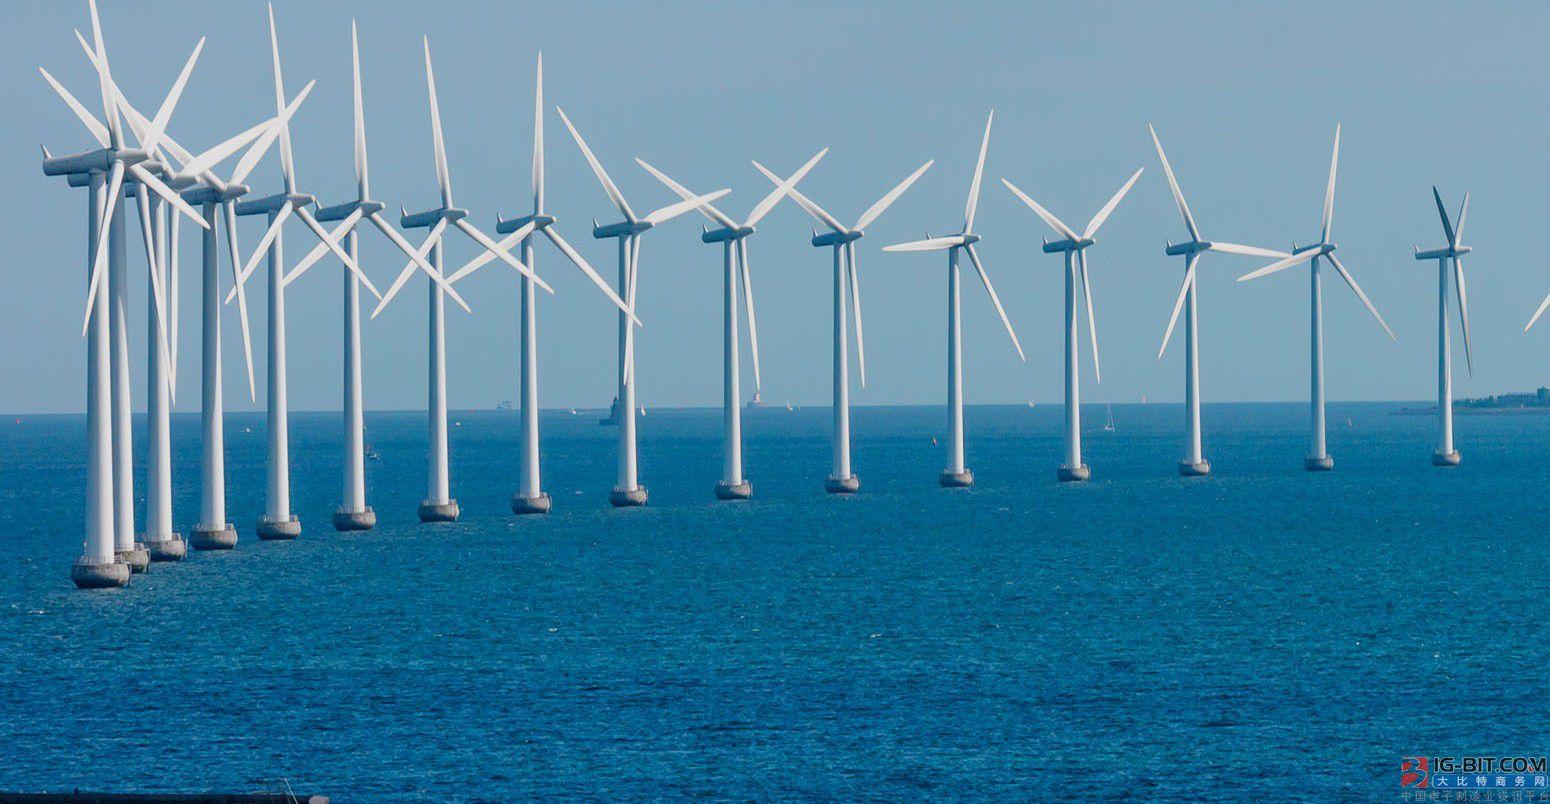 2019英国可再生能源电力占比约37% 碳排放降3.6%